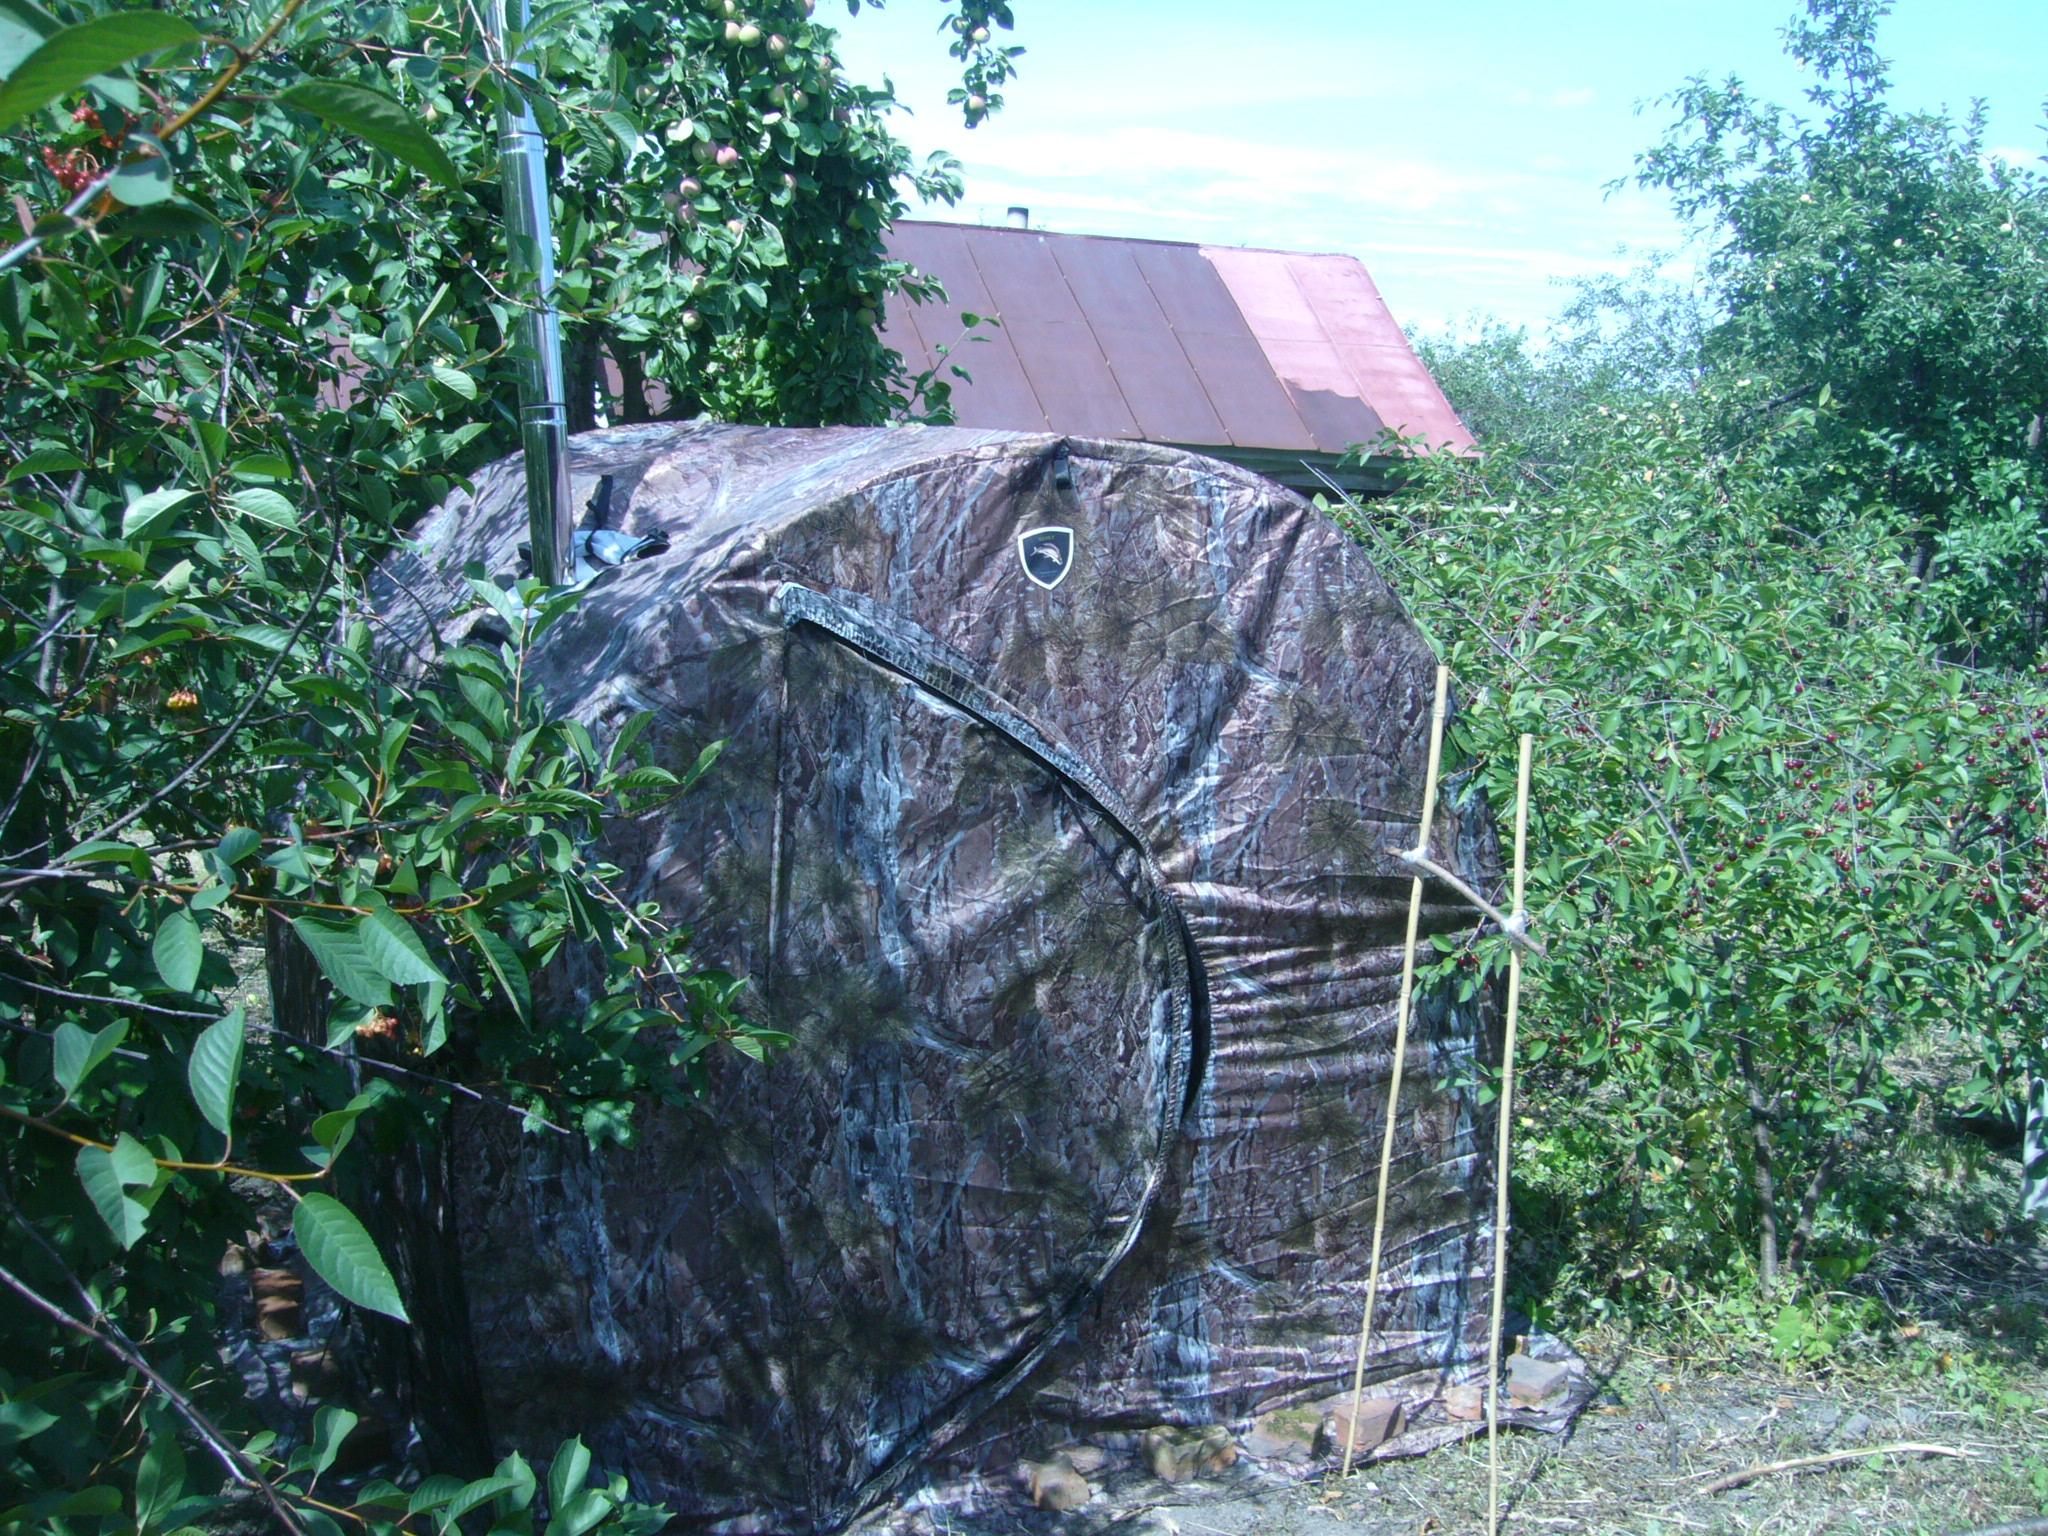 Сбор заказов Кому баню? Бани и универсальные палатки быстросборные (30 секунд), используемые, как баня - шатер - палатка - рыболовная палатка (зима-лето) от отечественного производителя.